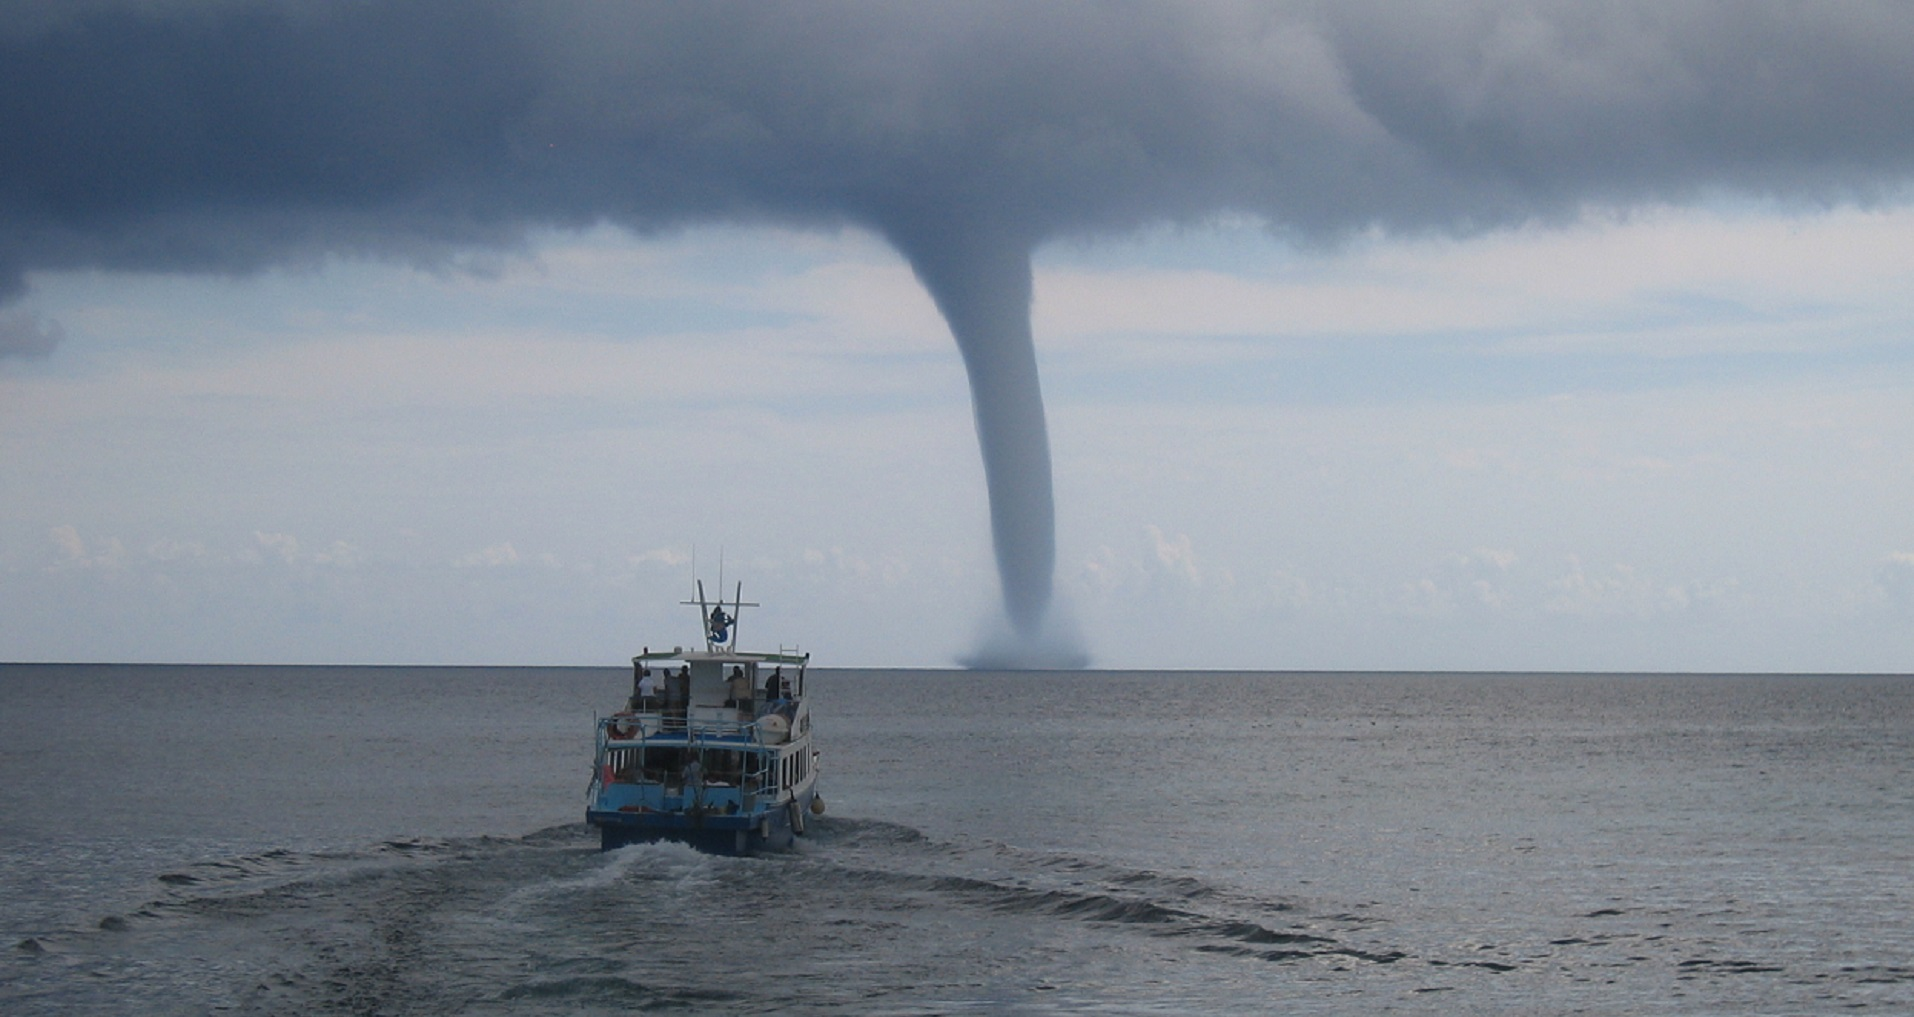 Les tornades : de puissants tourbillons dévastateurs - Encyclopédie de  l'environnement